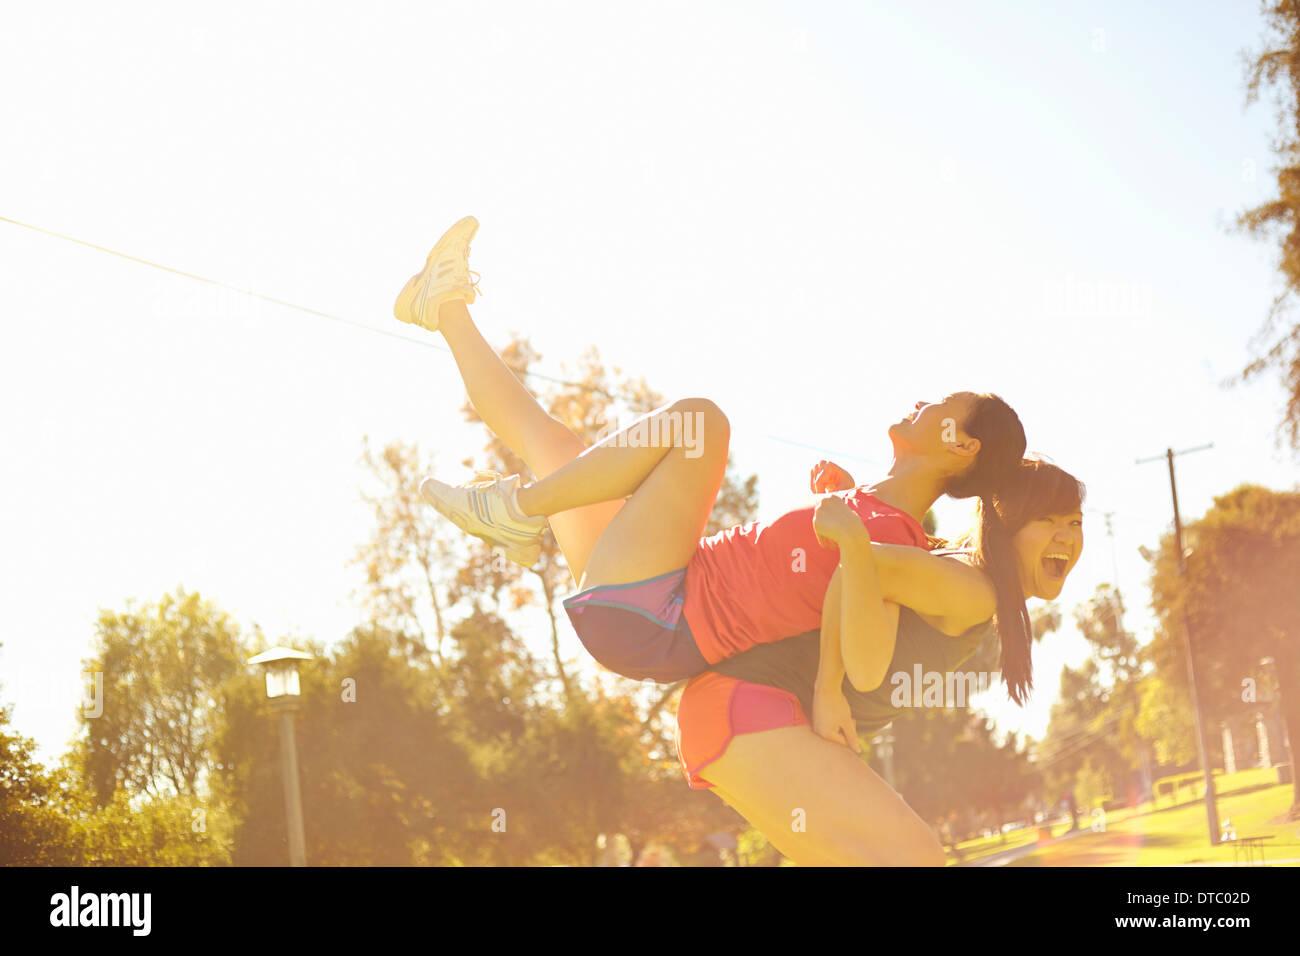 Dos mujeres jóvenes divirtiéndose en el parque Imagen De Stock